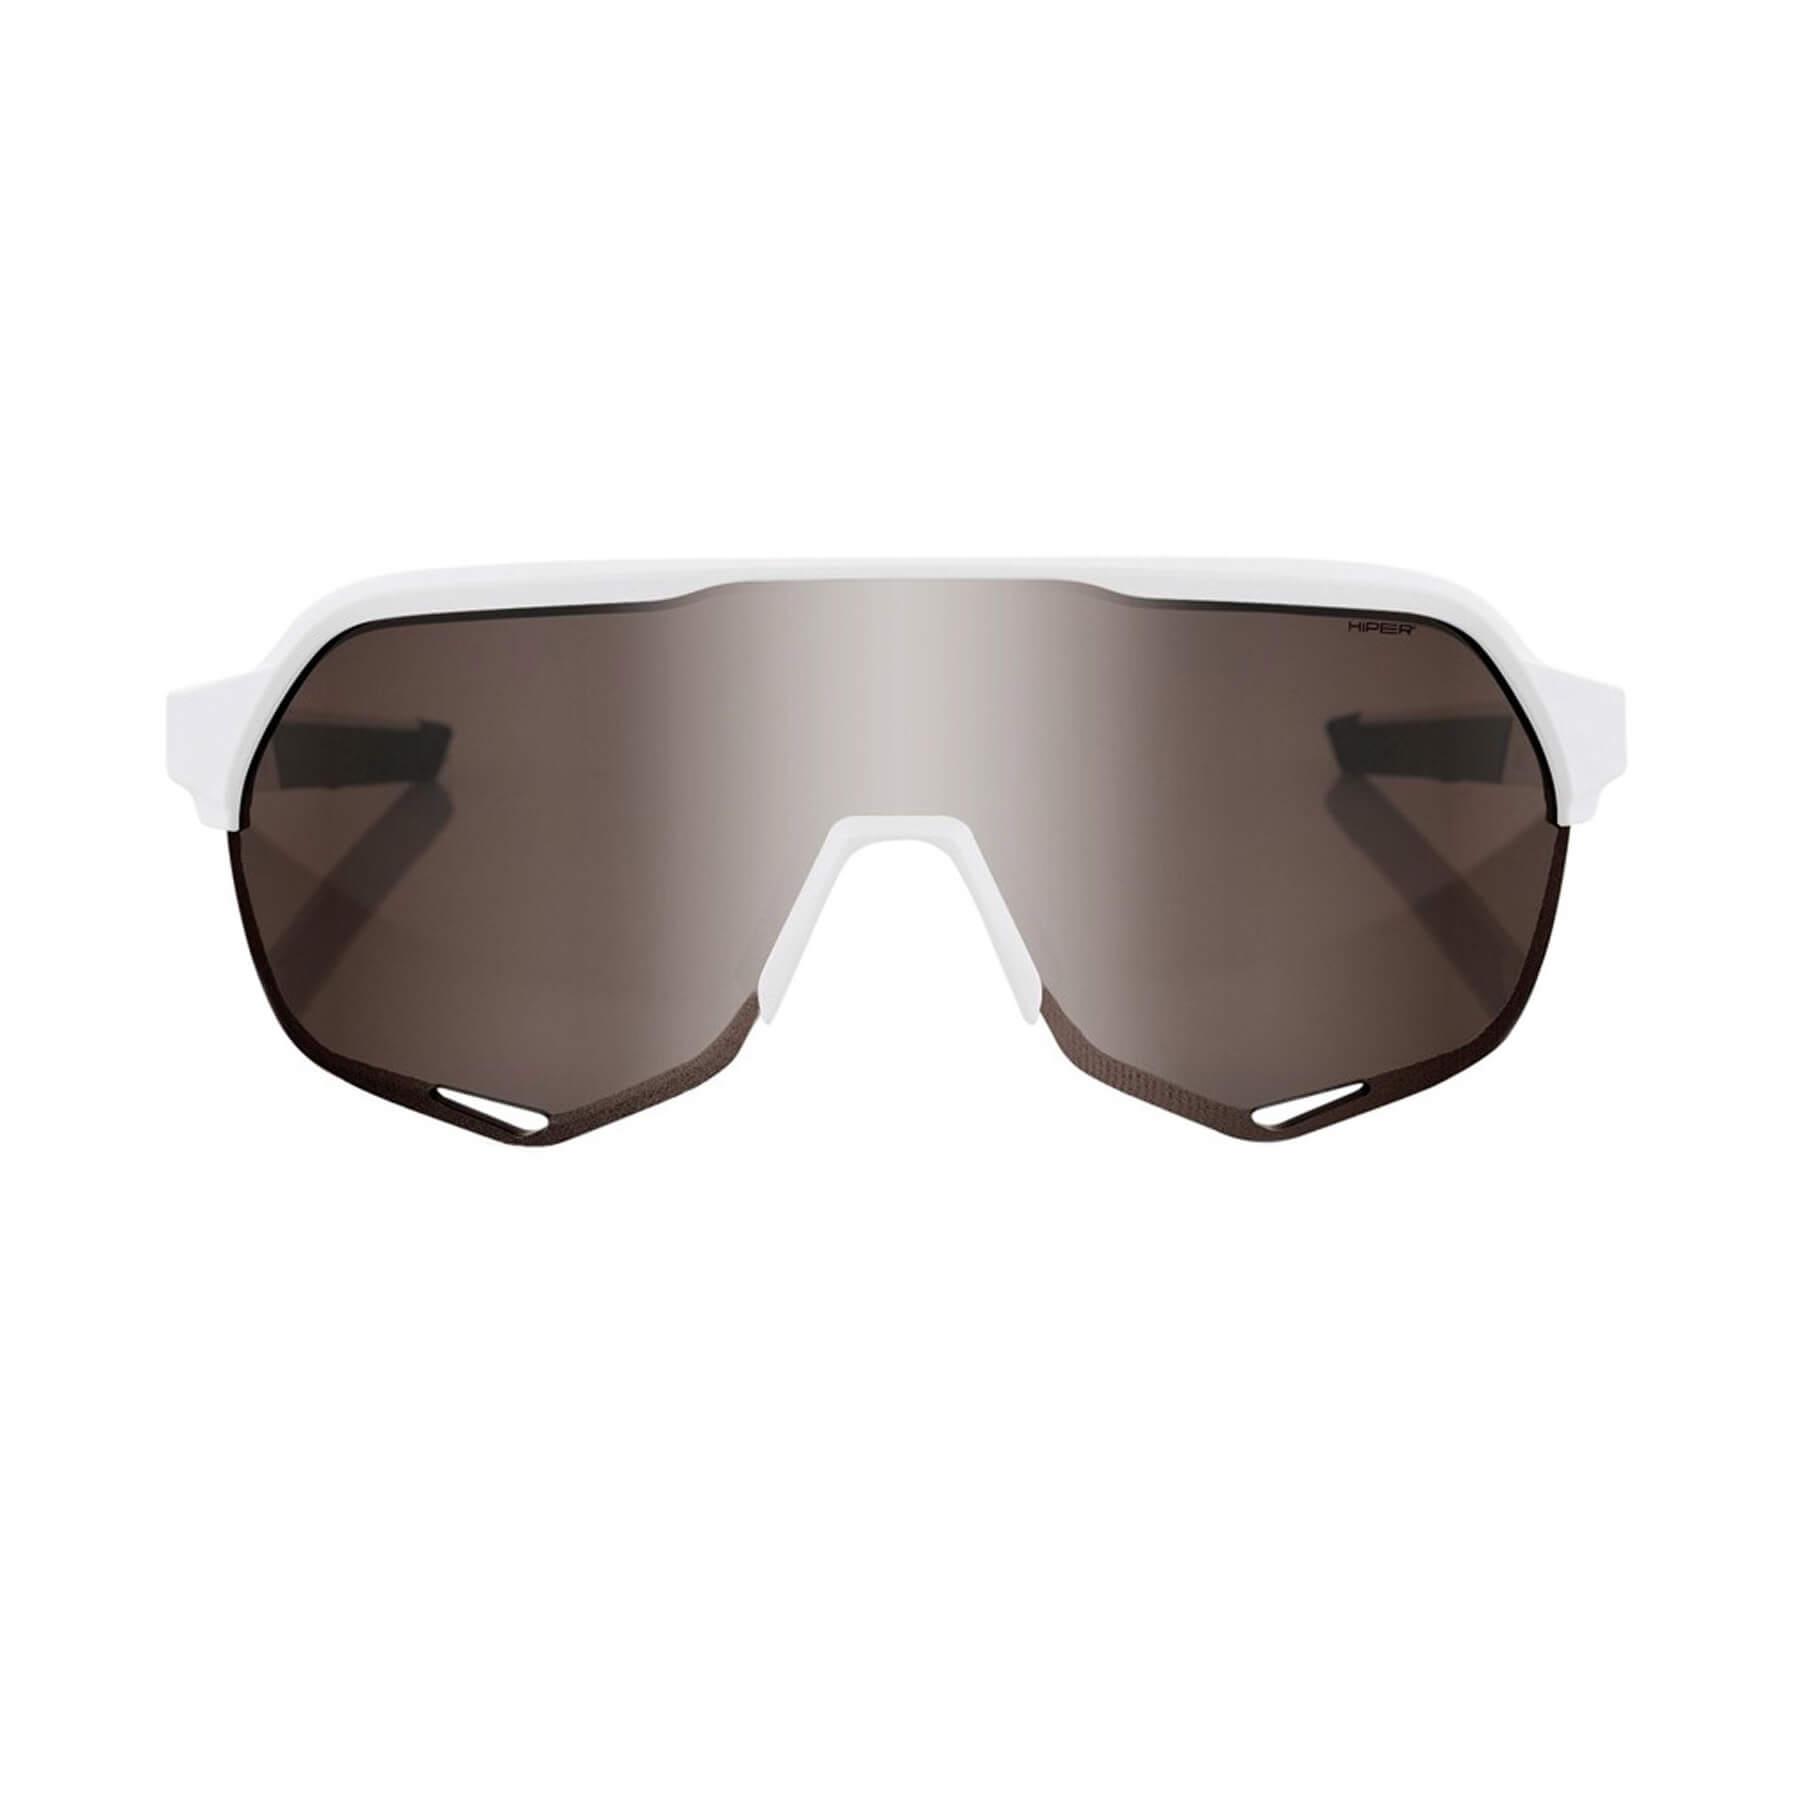 S2 – BORA Hans Grohe Team White – HiPER Silver Mirror Lens